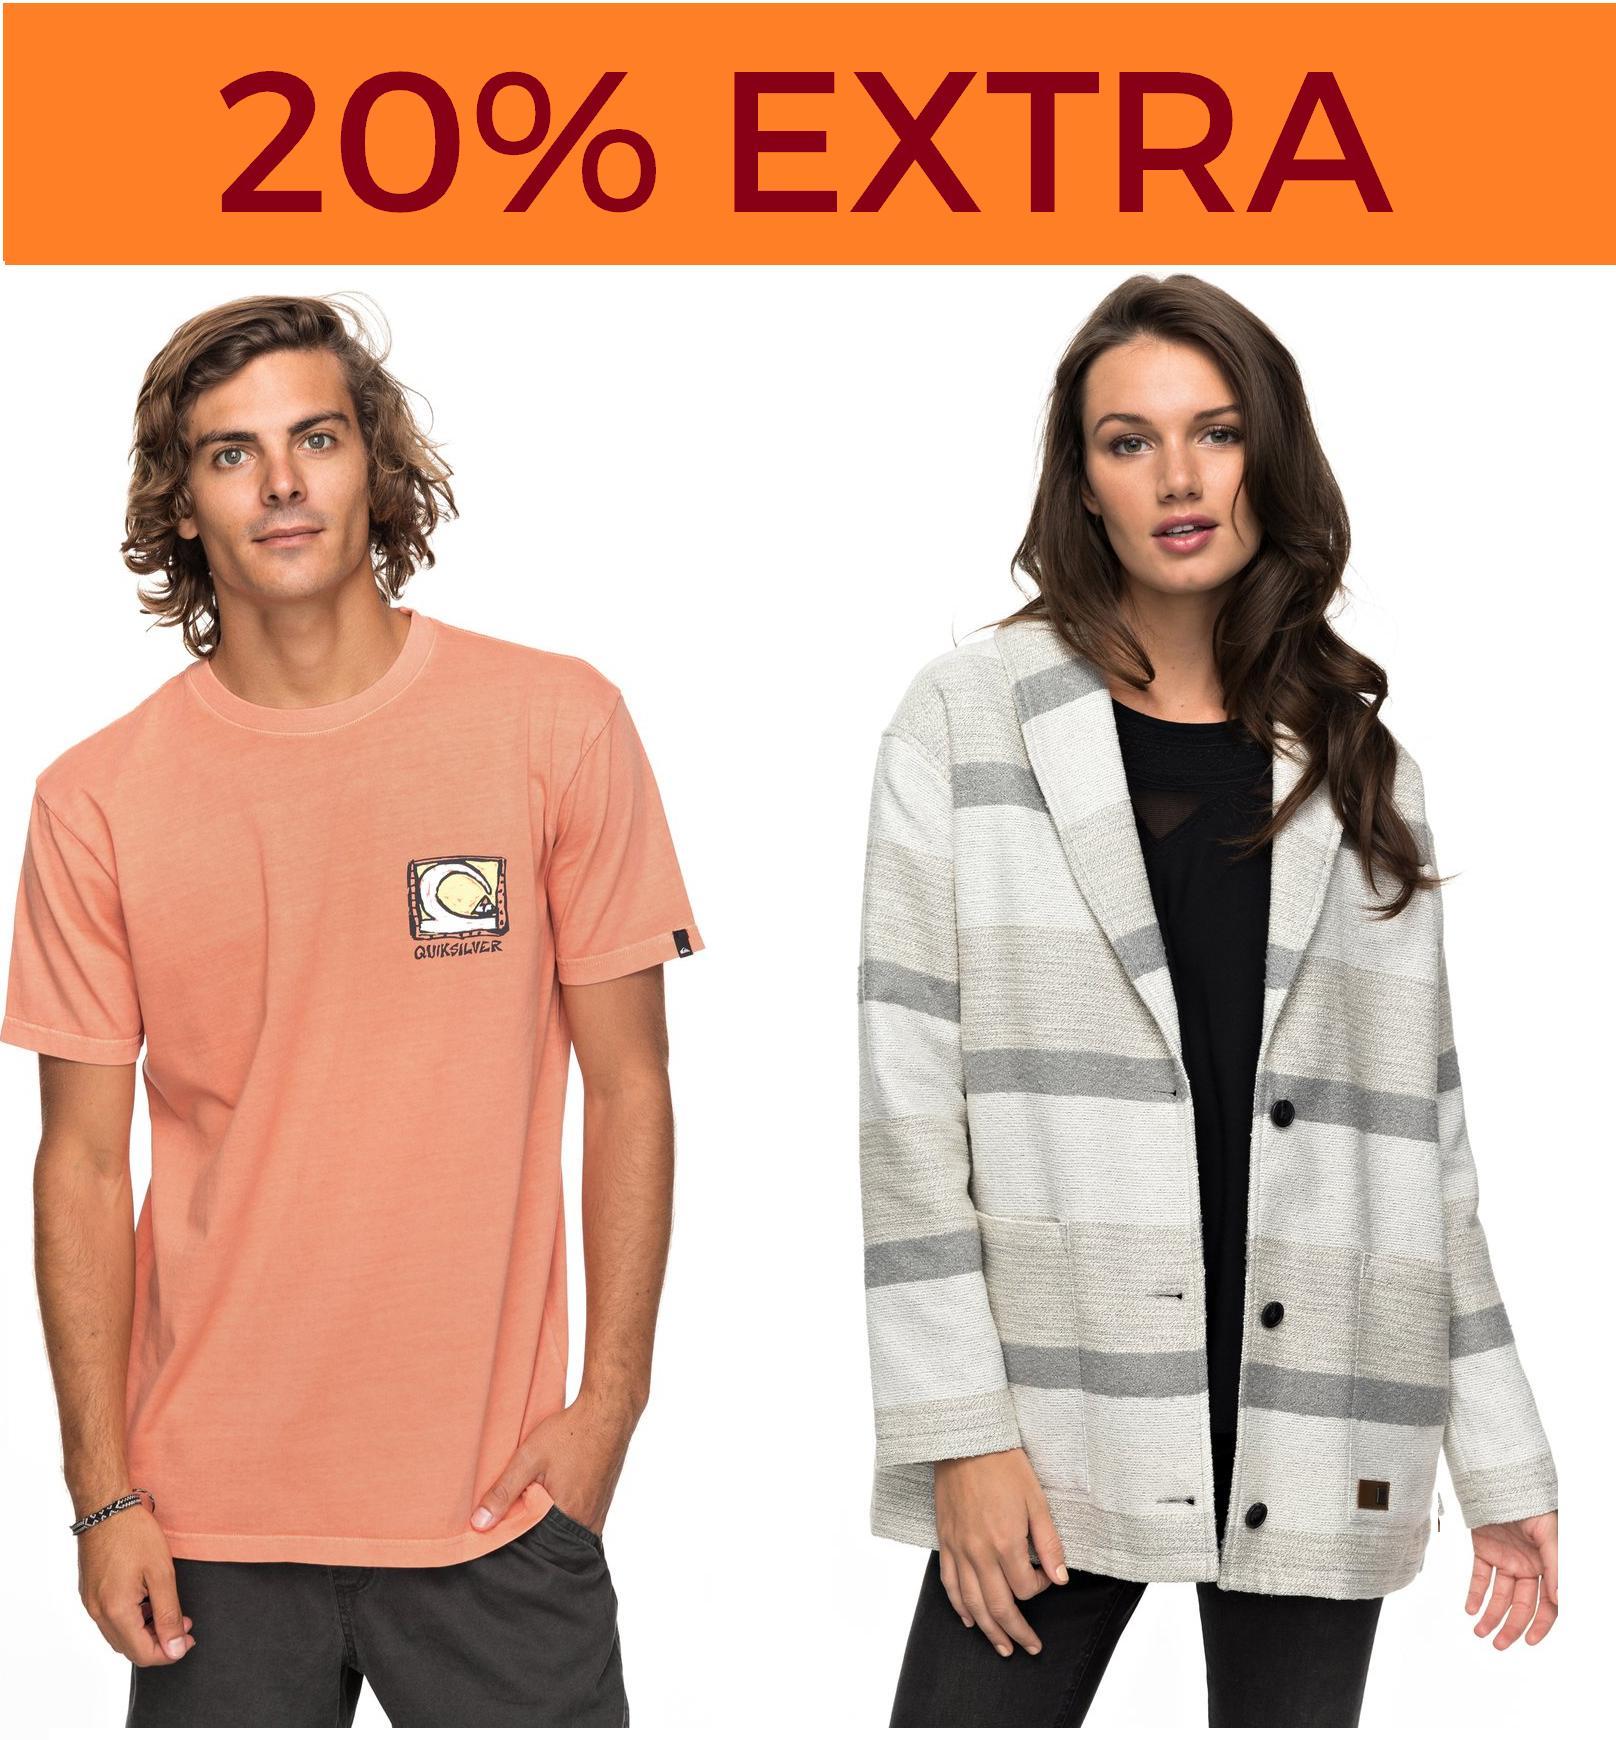 Hasta 40% + 20% EXTRA Quiksilver, Roxy y DC